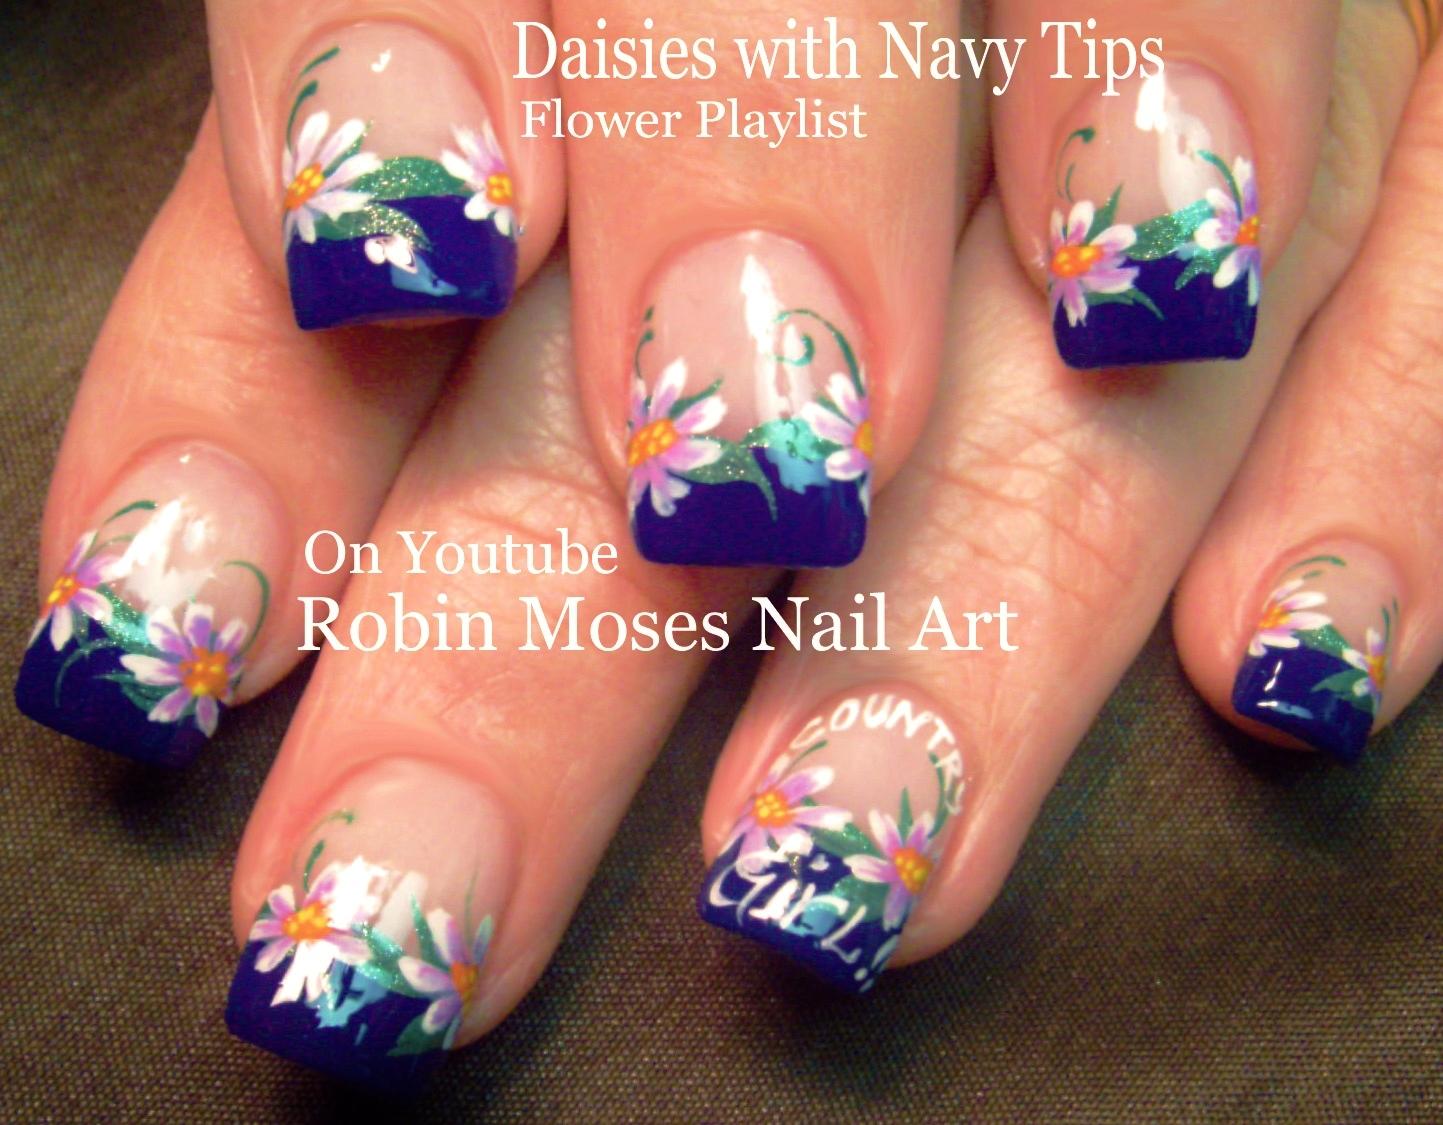 Nail Art by Robin Moses: Daisy Nail Art on Navy Blue Tips! \